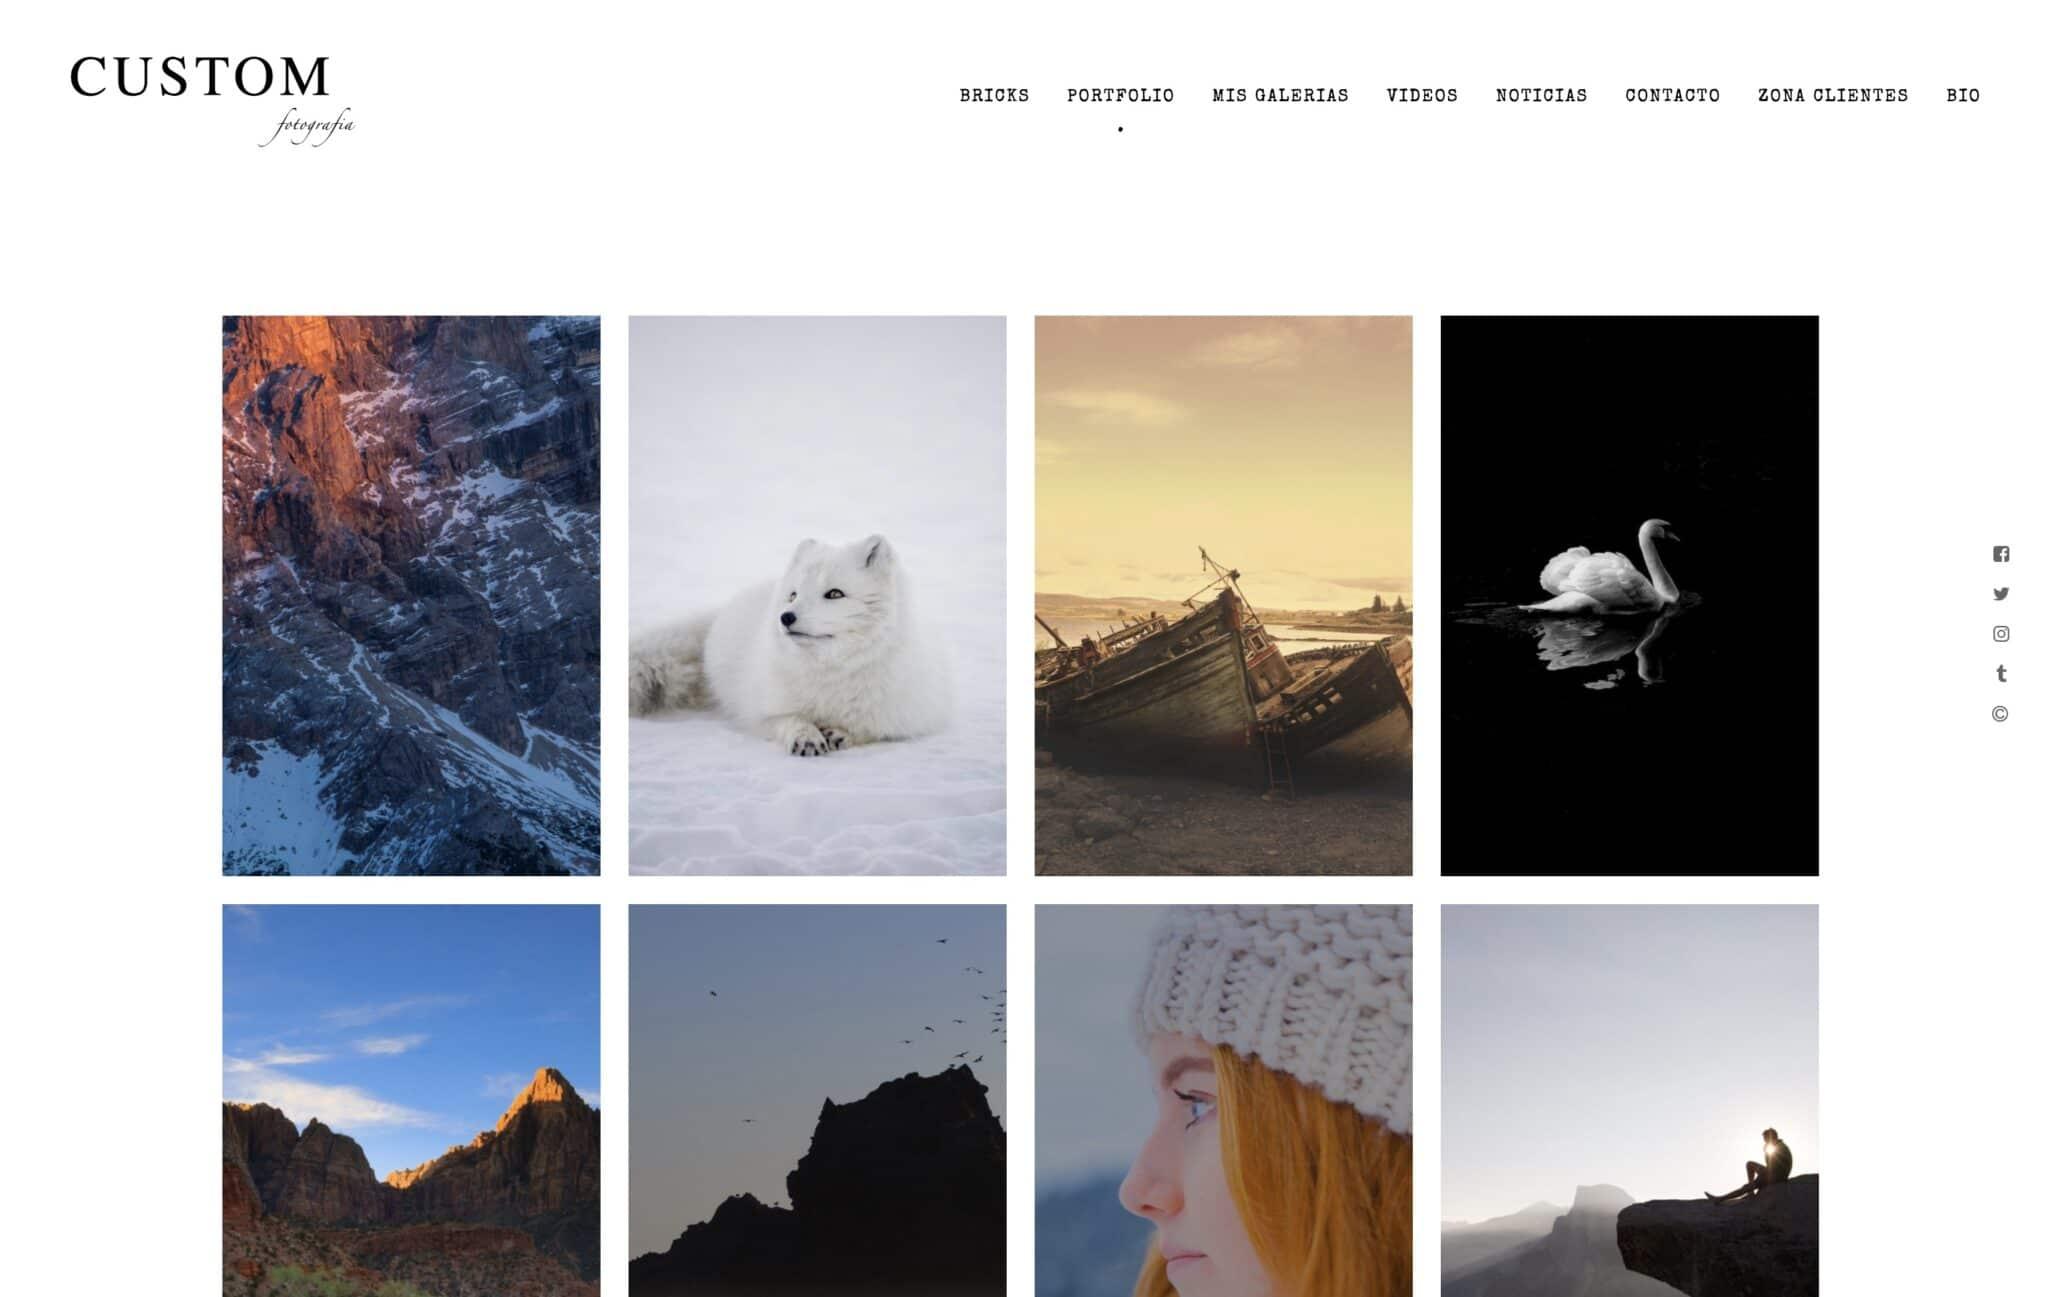 Cómo crear  en Photoshop un logo transparente para tu web